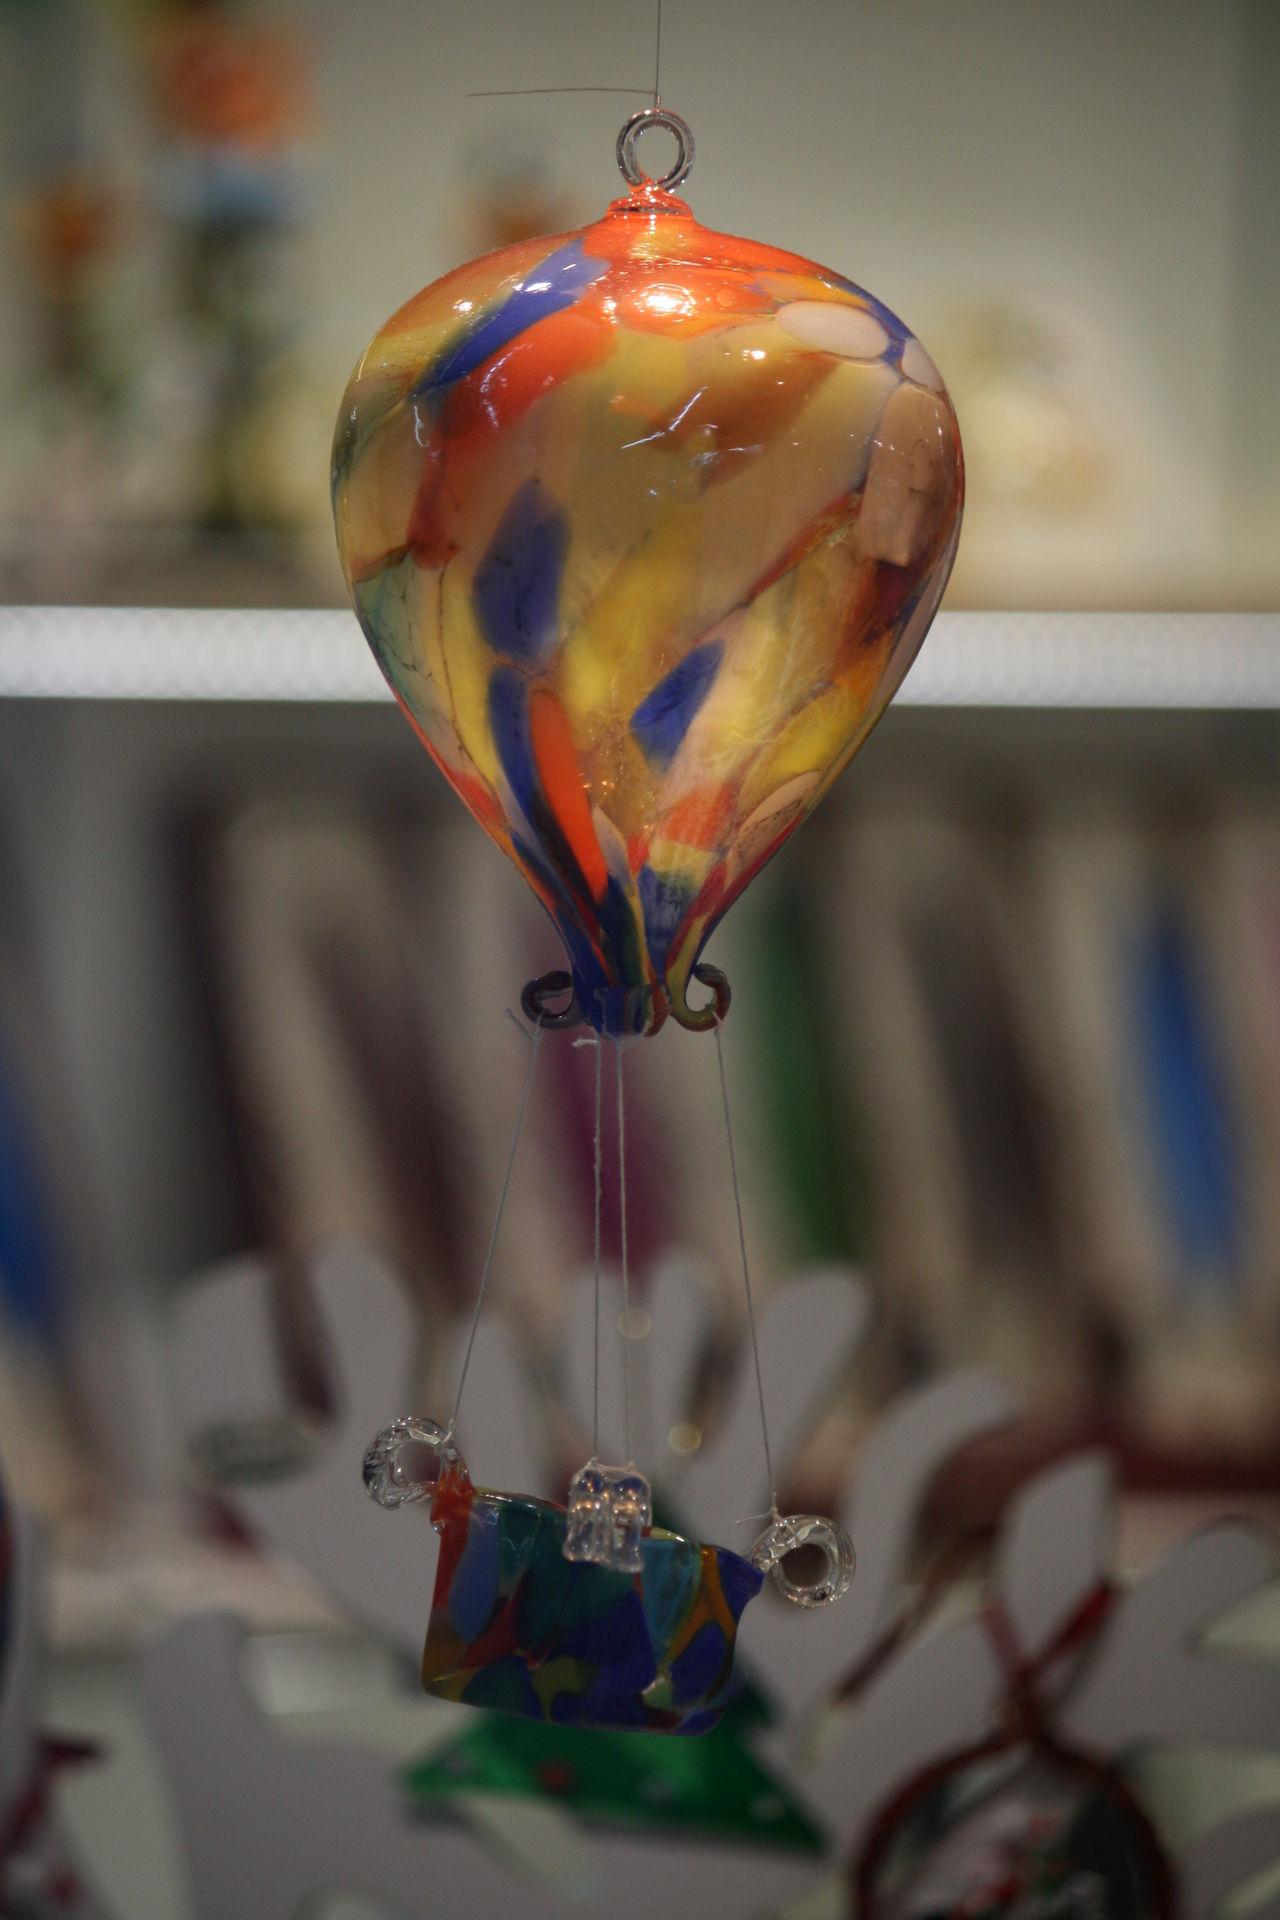 Glass Glass Art Glass Artisan Glass Artist Glass Artistry Glass Balloons Glass Blowing Glass Blown Murano Murano Glass Muranoglass Venetian Venetian Glass Venetian Glass Venezia Venice Venice, Italy